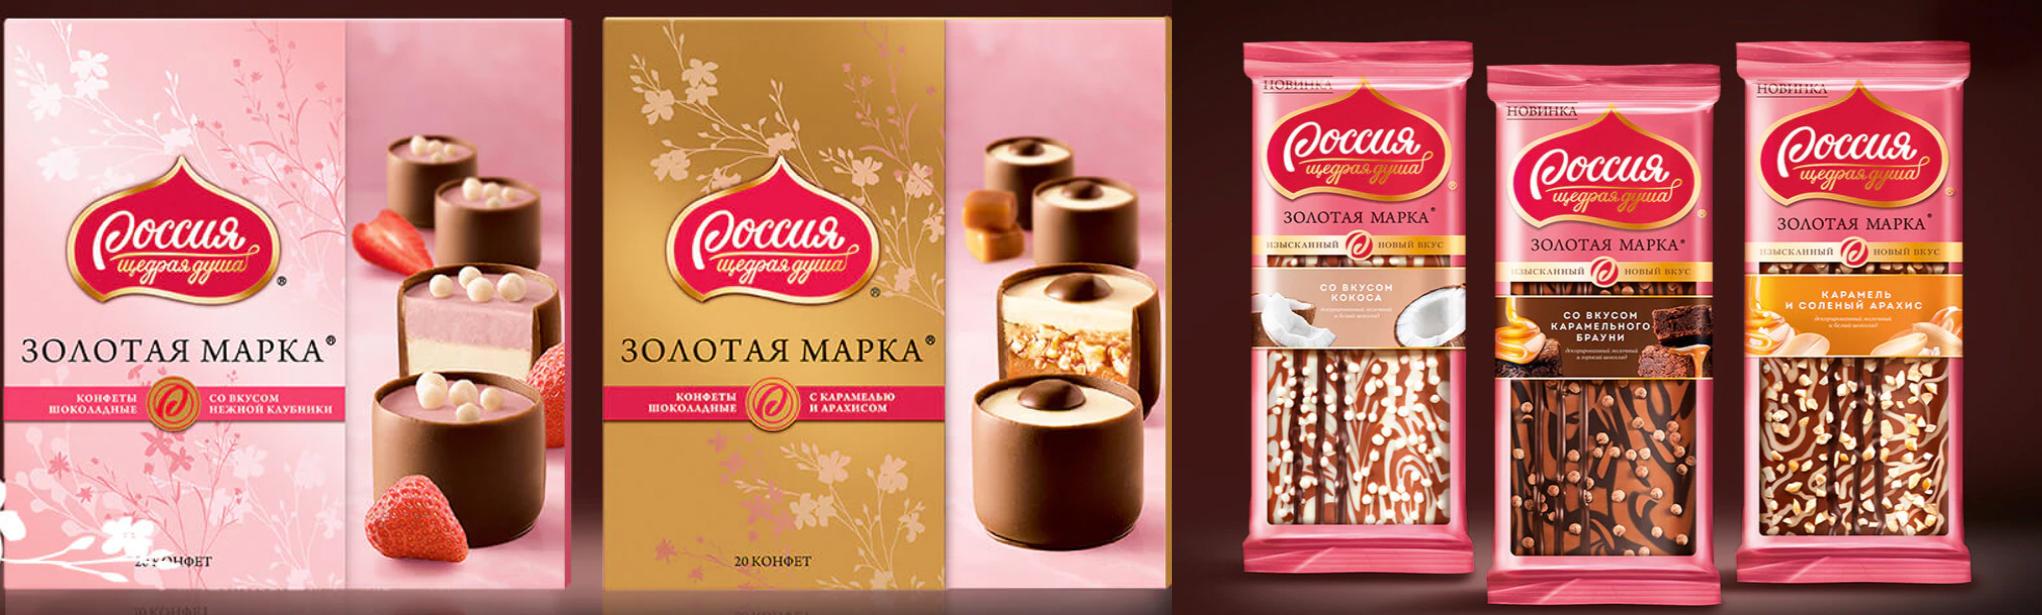 Rossia cioccolata